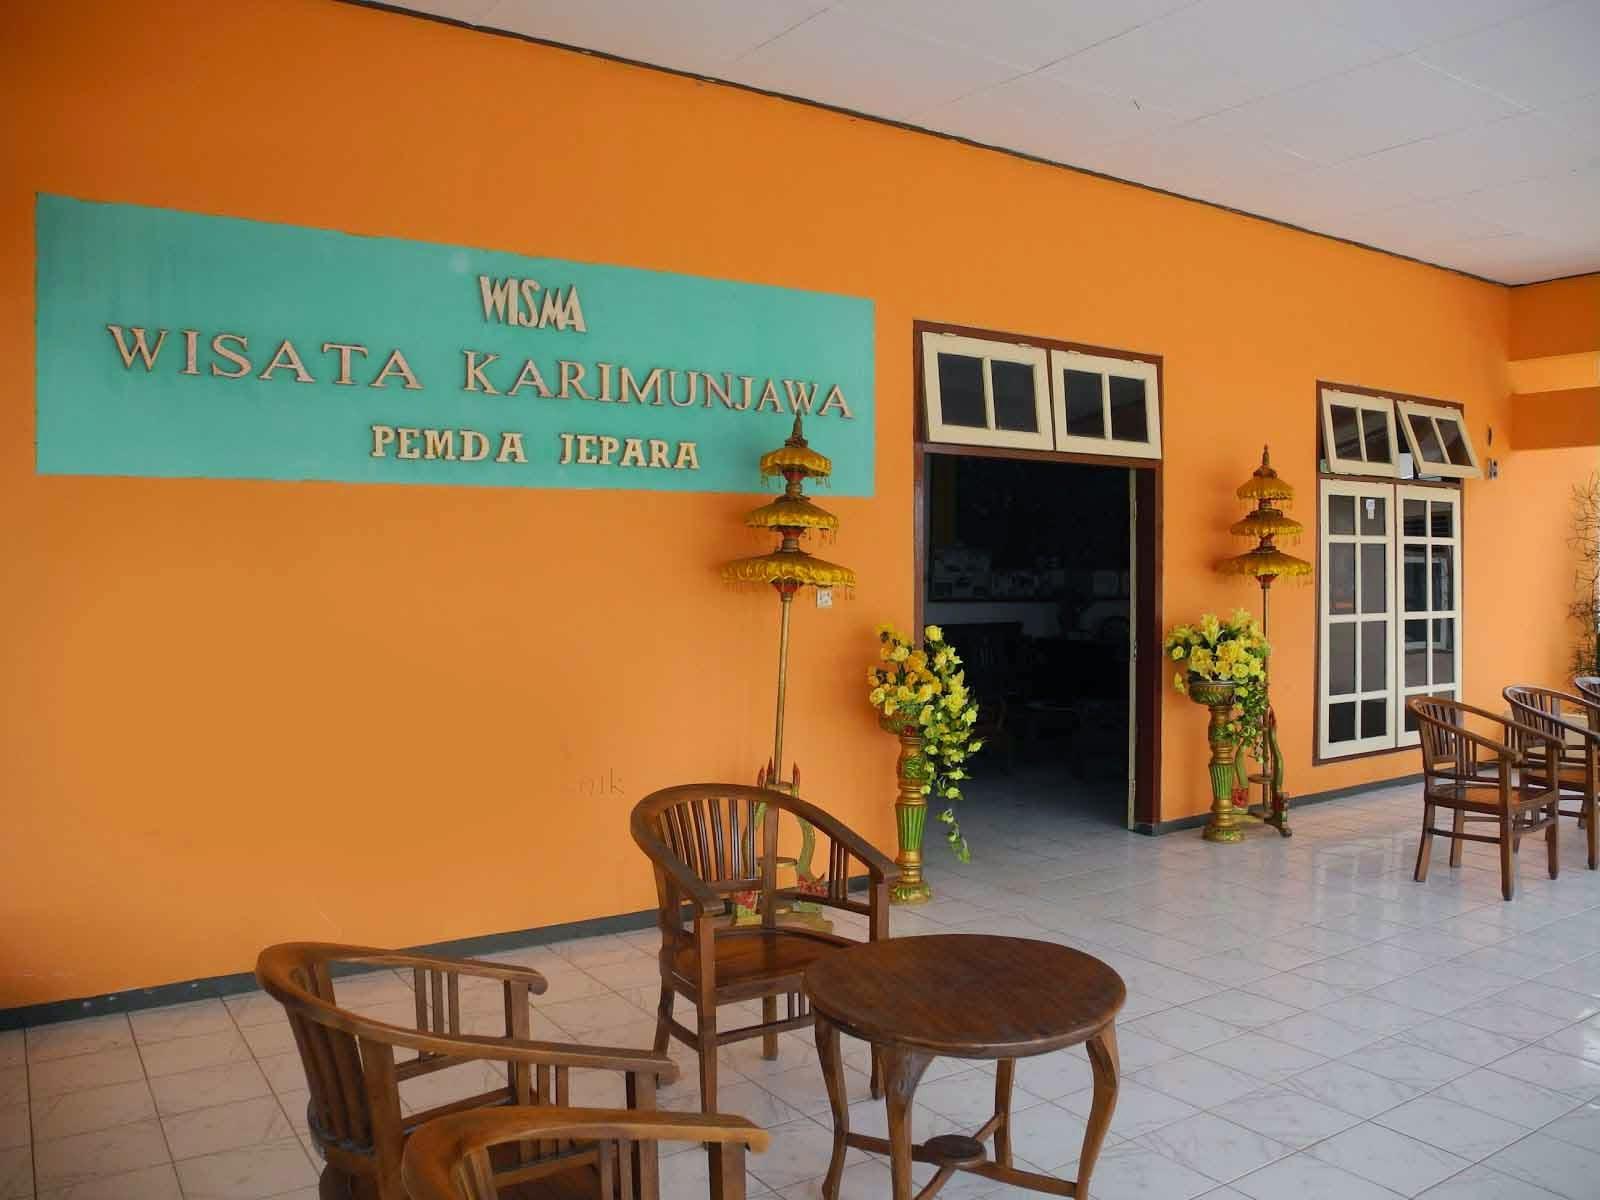 Paket Hotel Wisma Wisata Karimunjawa